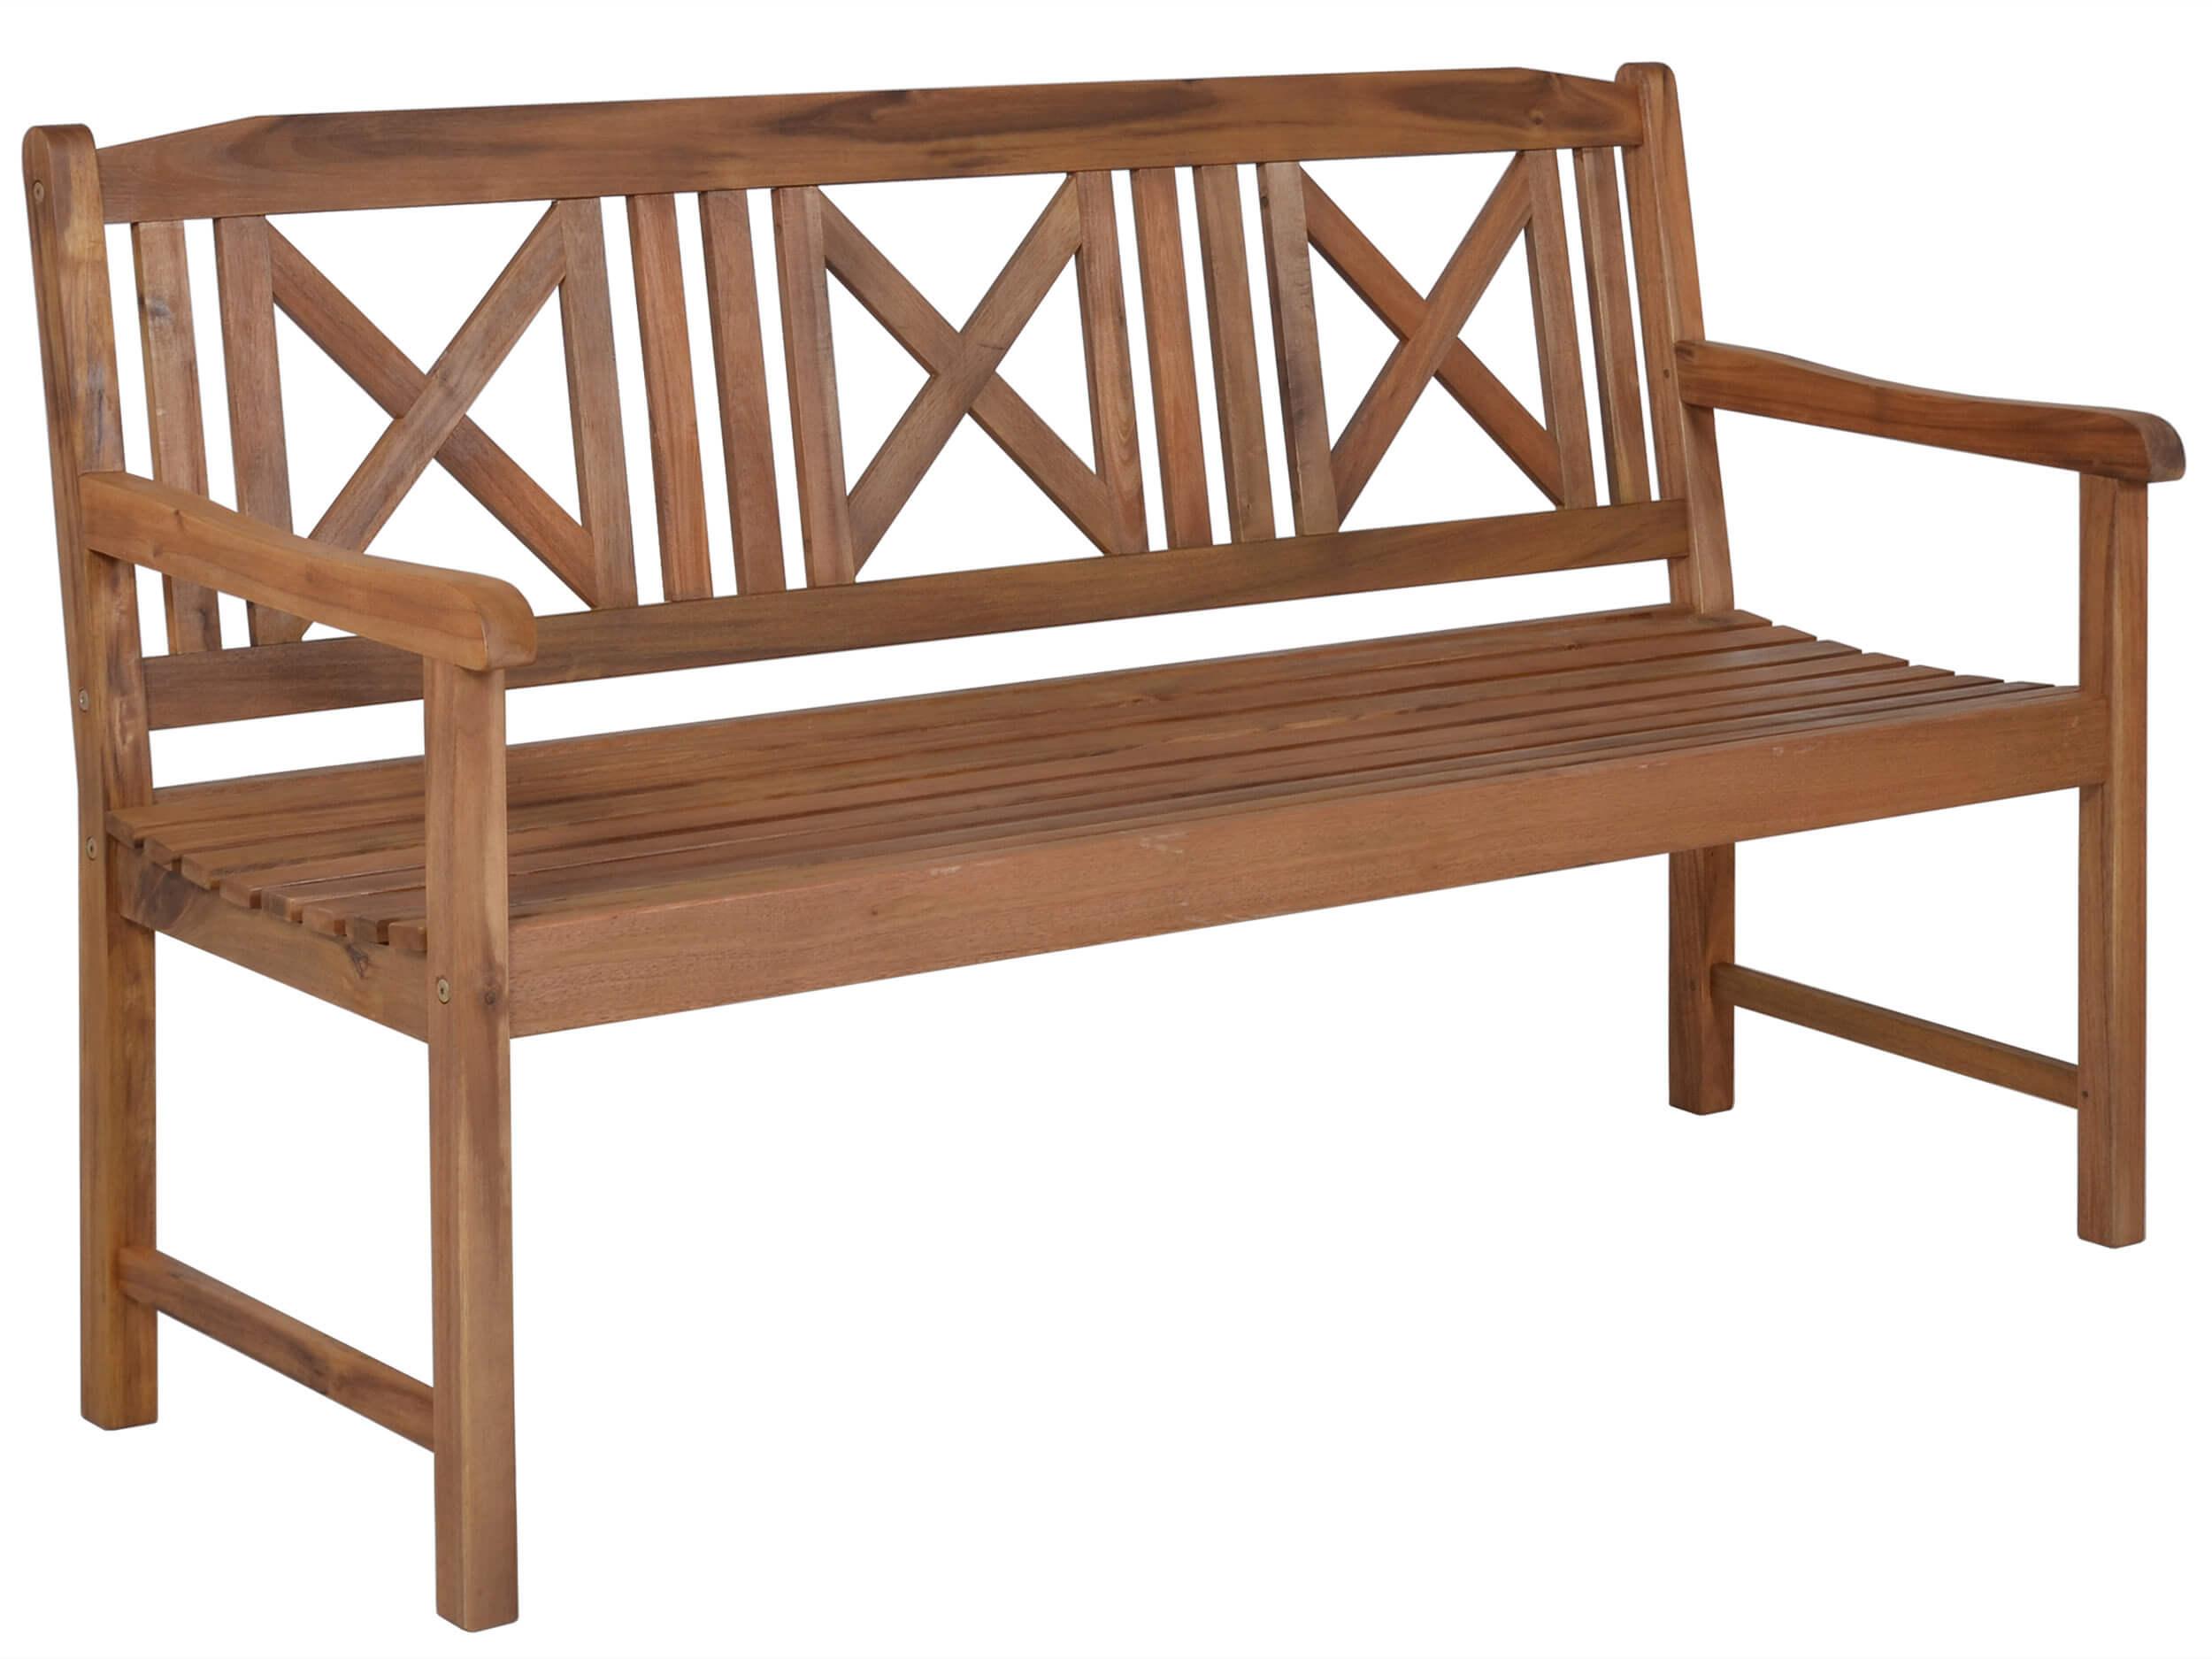 Holz 3 Sitzerbank Bali 158cm